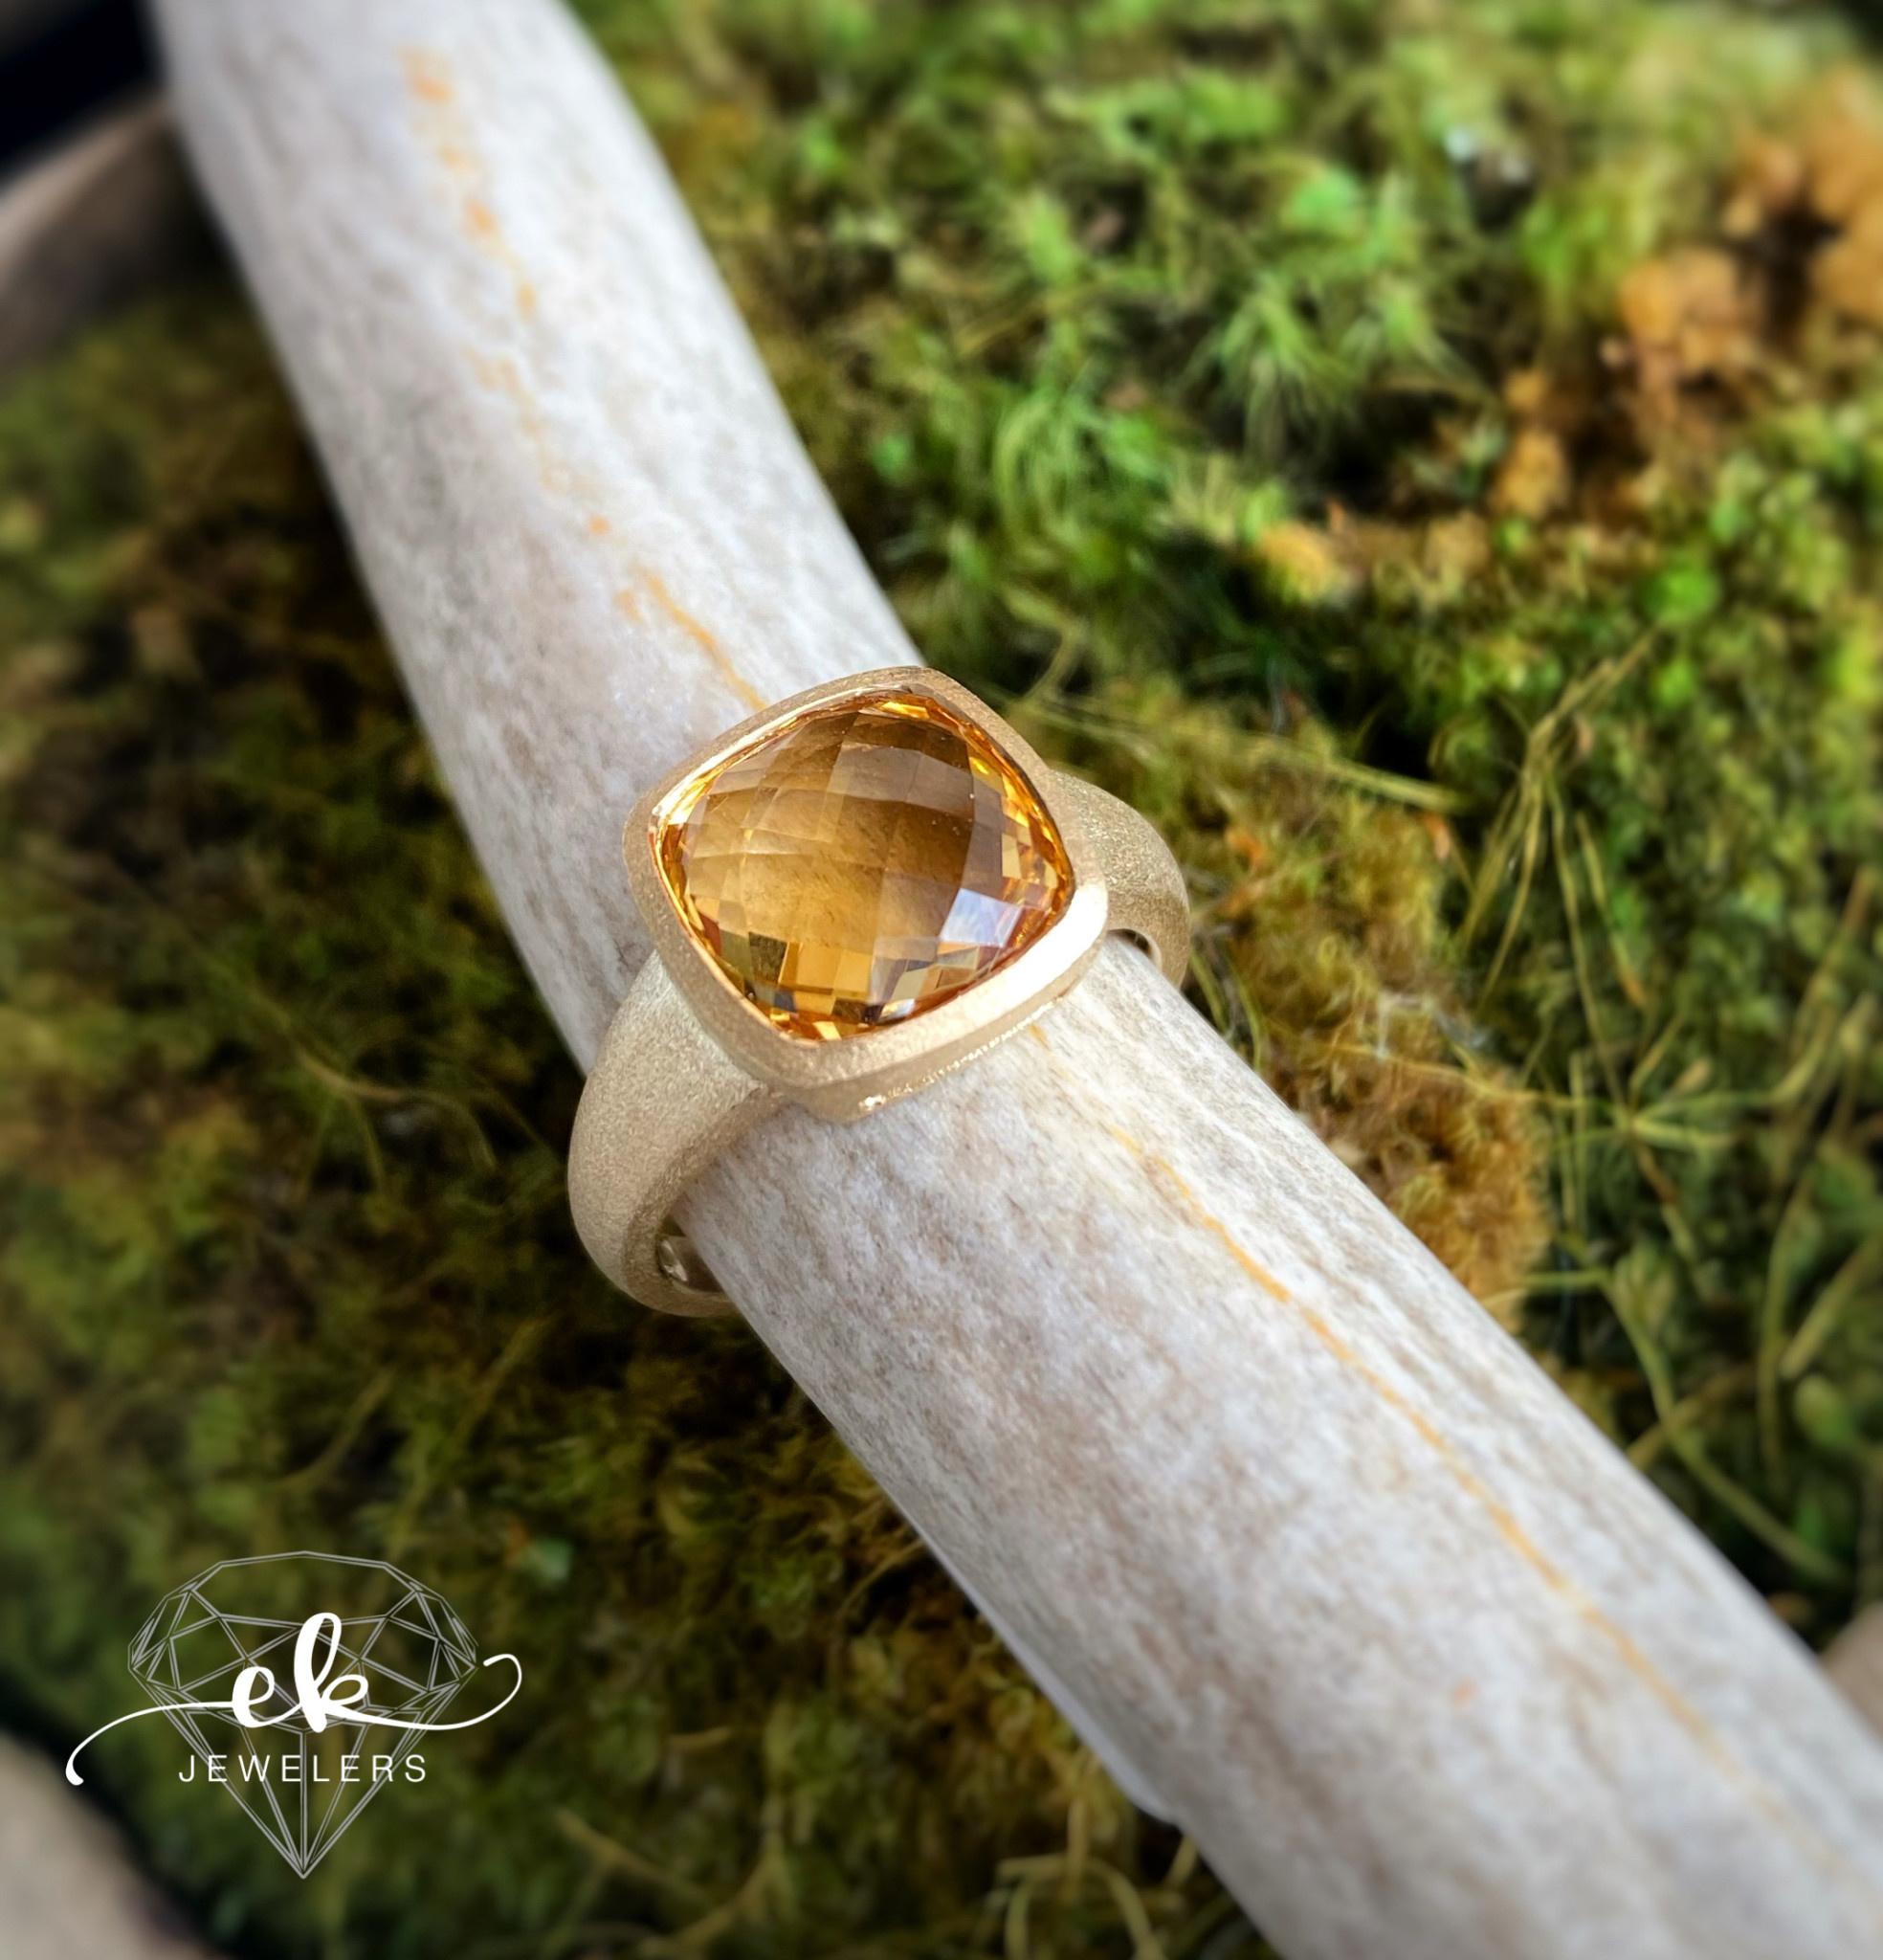 14K Yellow Gold Checkered Citrine Ring